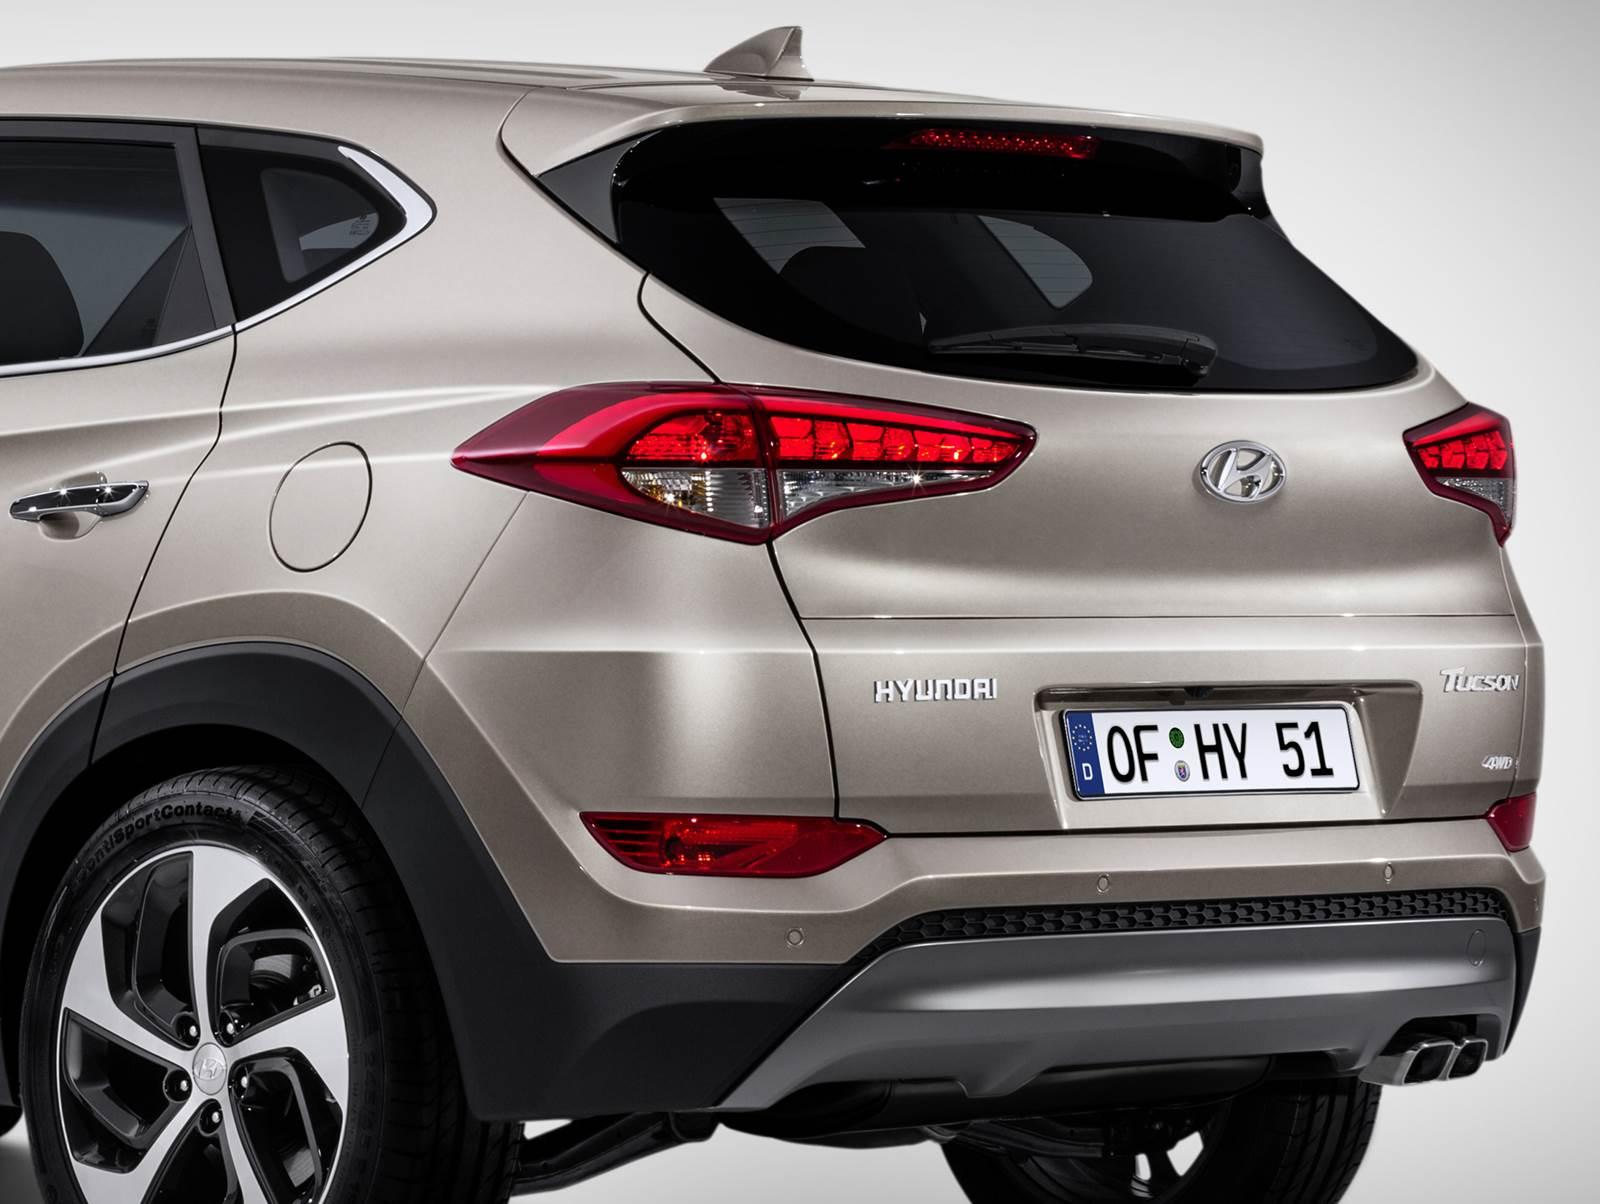 Novo Hyundai Tucson 2016 - lanternas